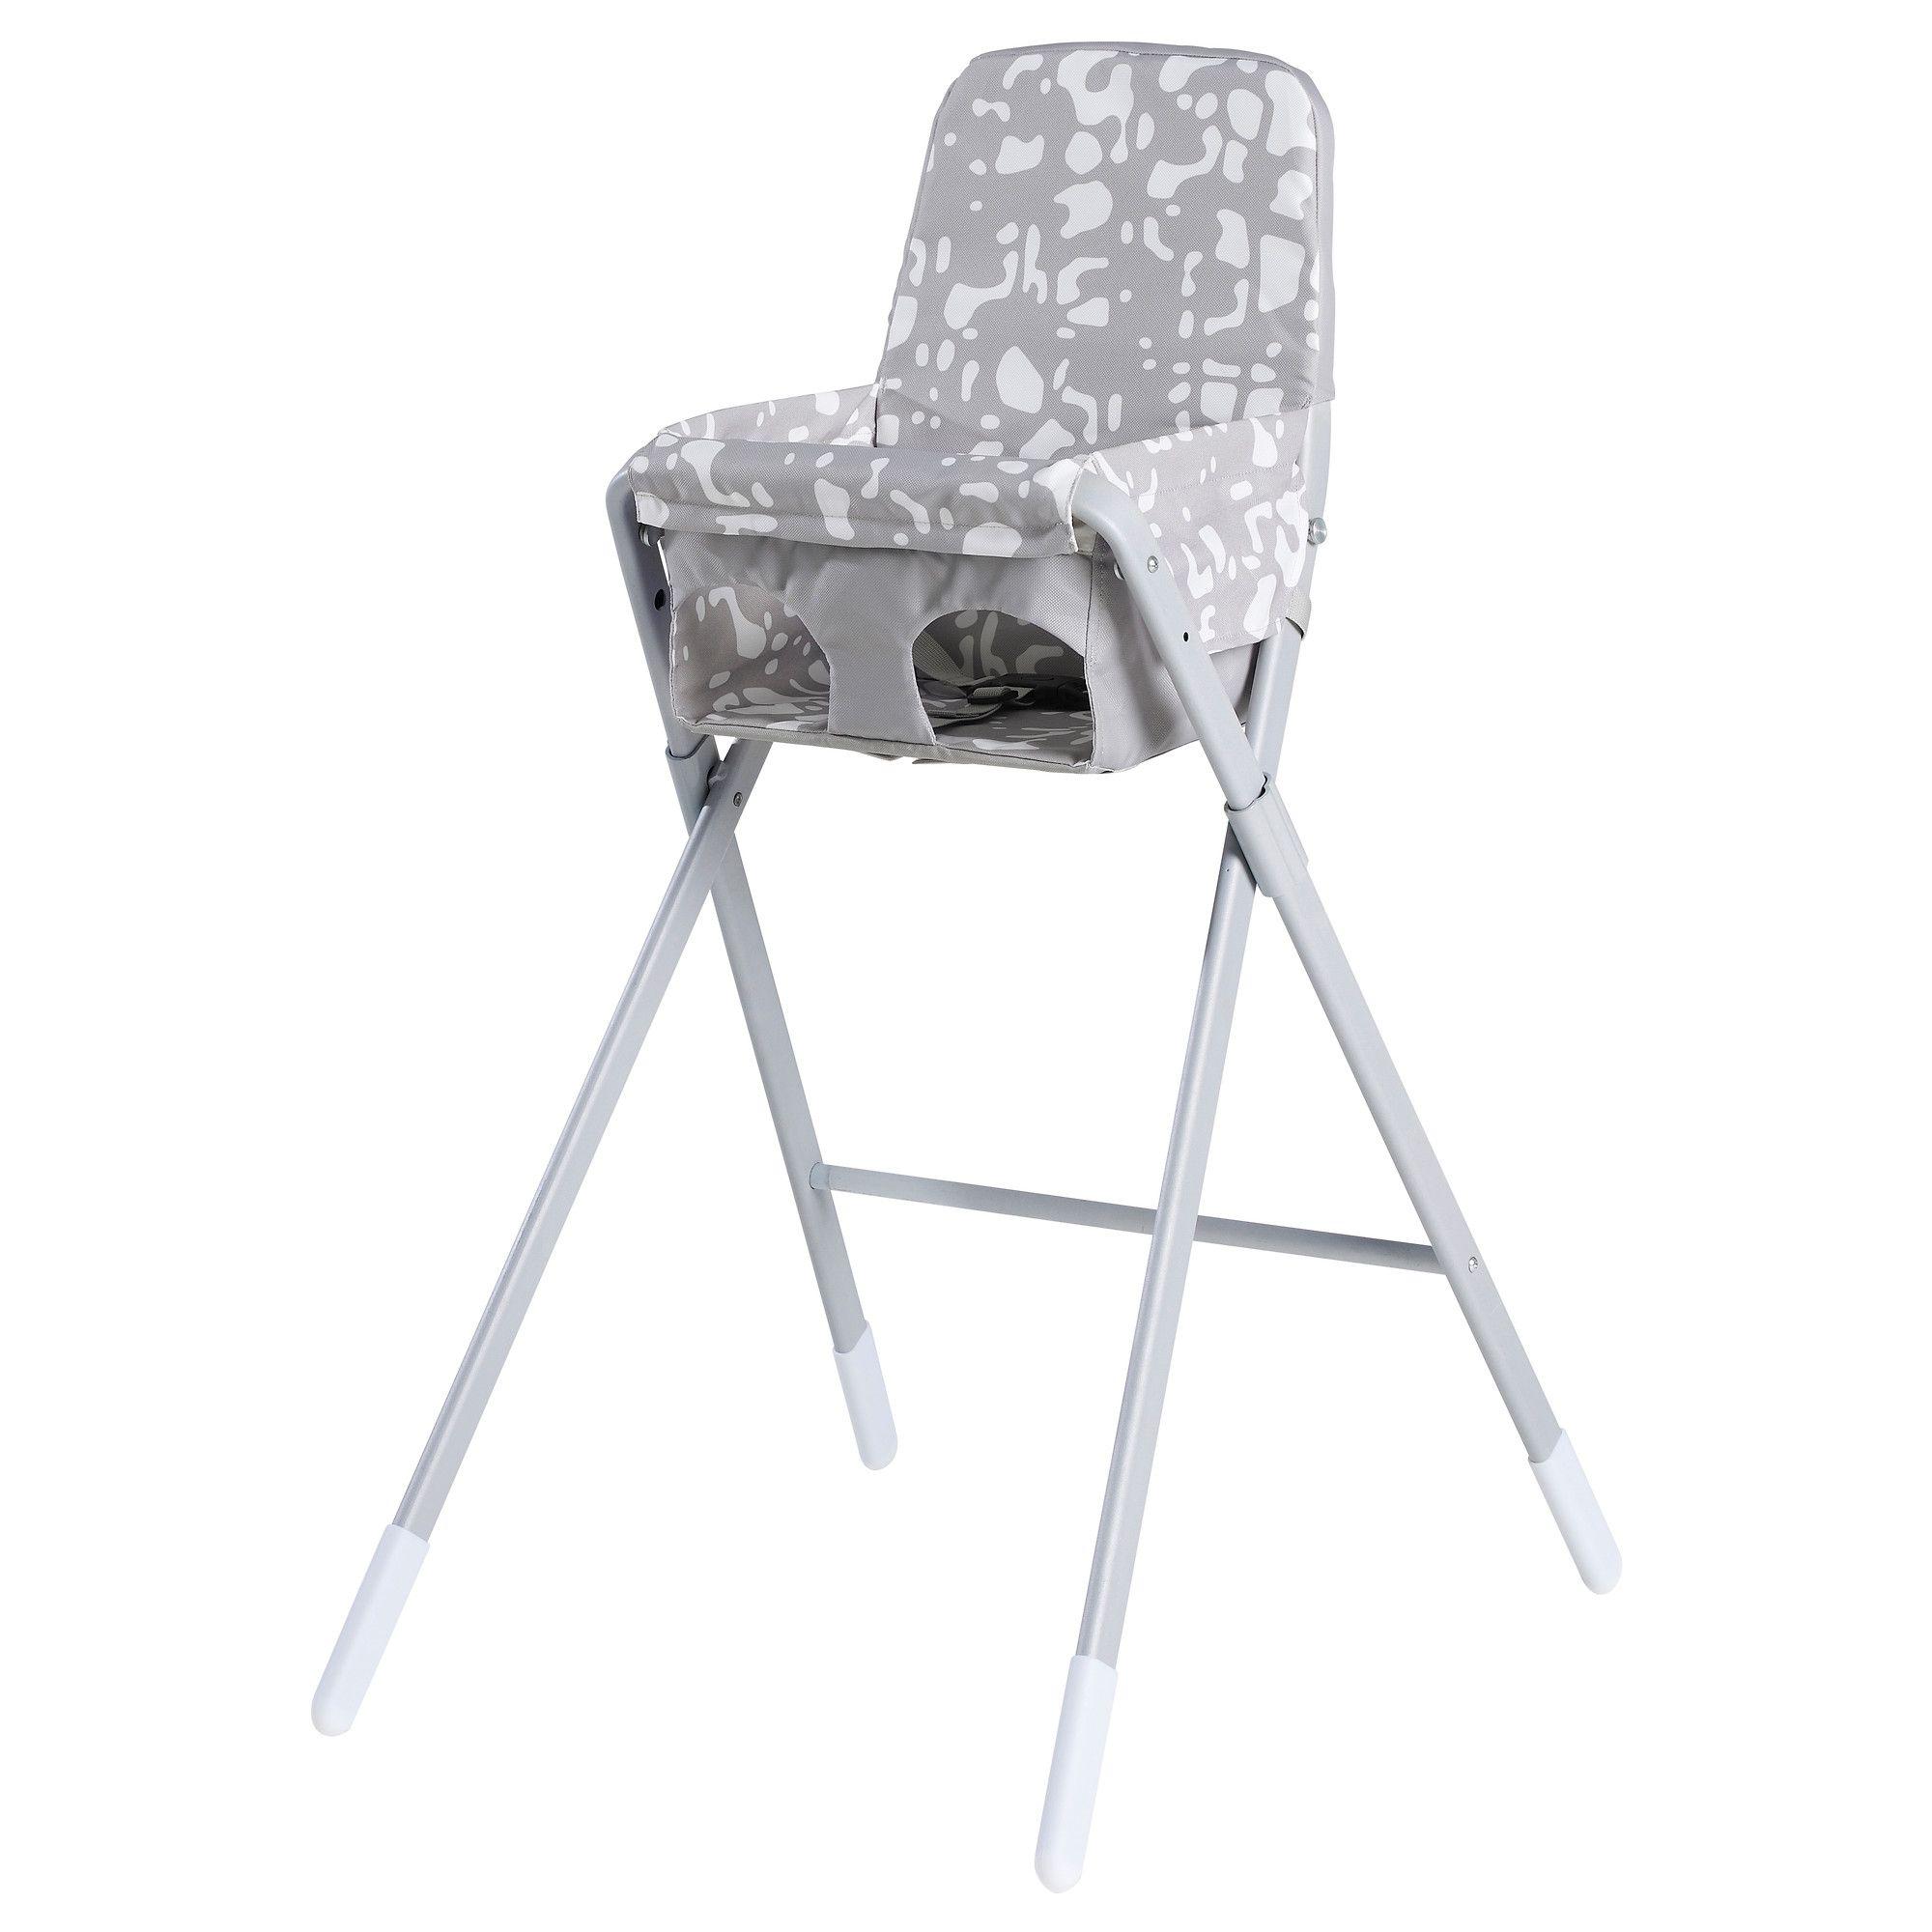 Leren Ikea Bureaustoel.Nederland Kinderstoel Ikea En Kinderkamer